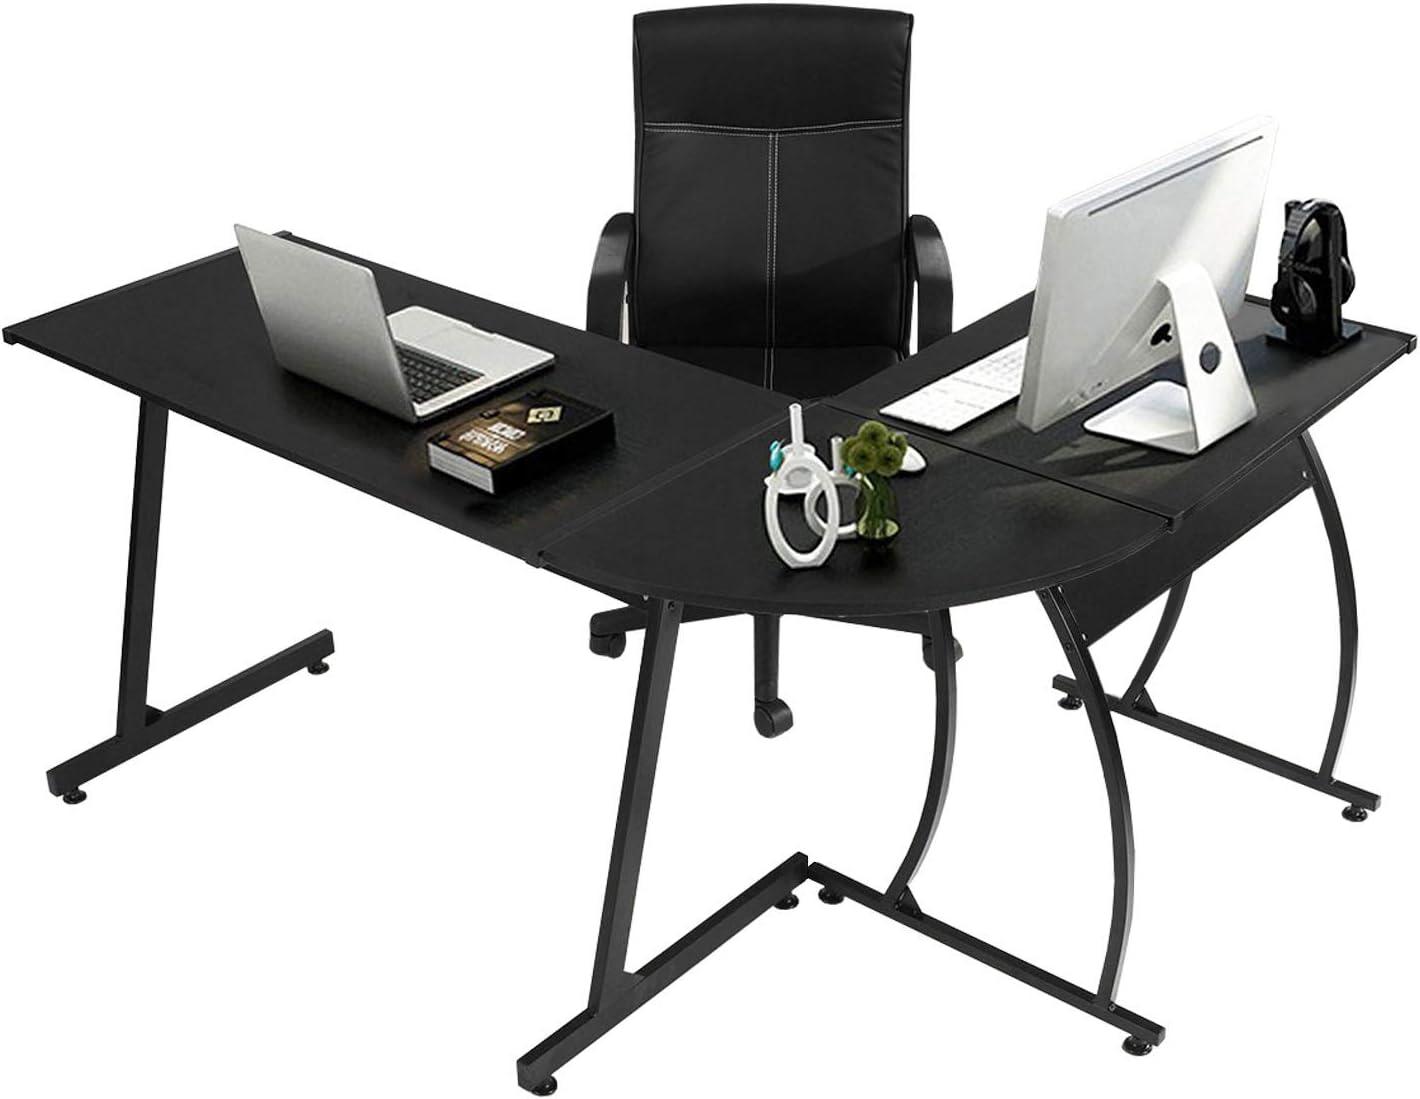 GreenForest L-Shaped Corner Desk Computer Gaming Desk PC Table